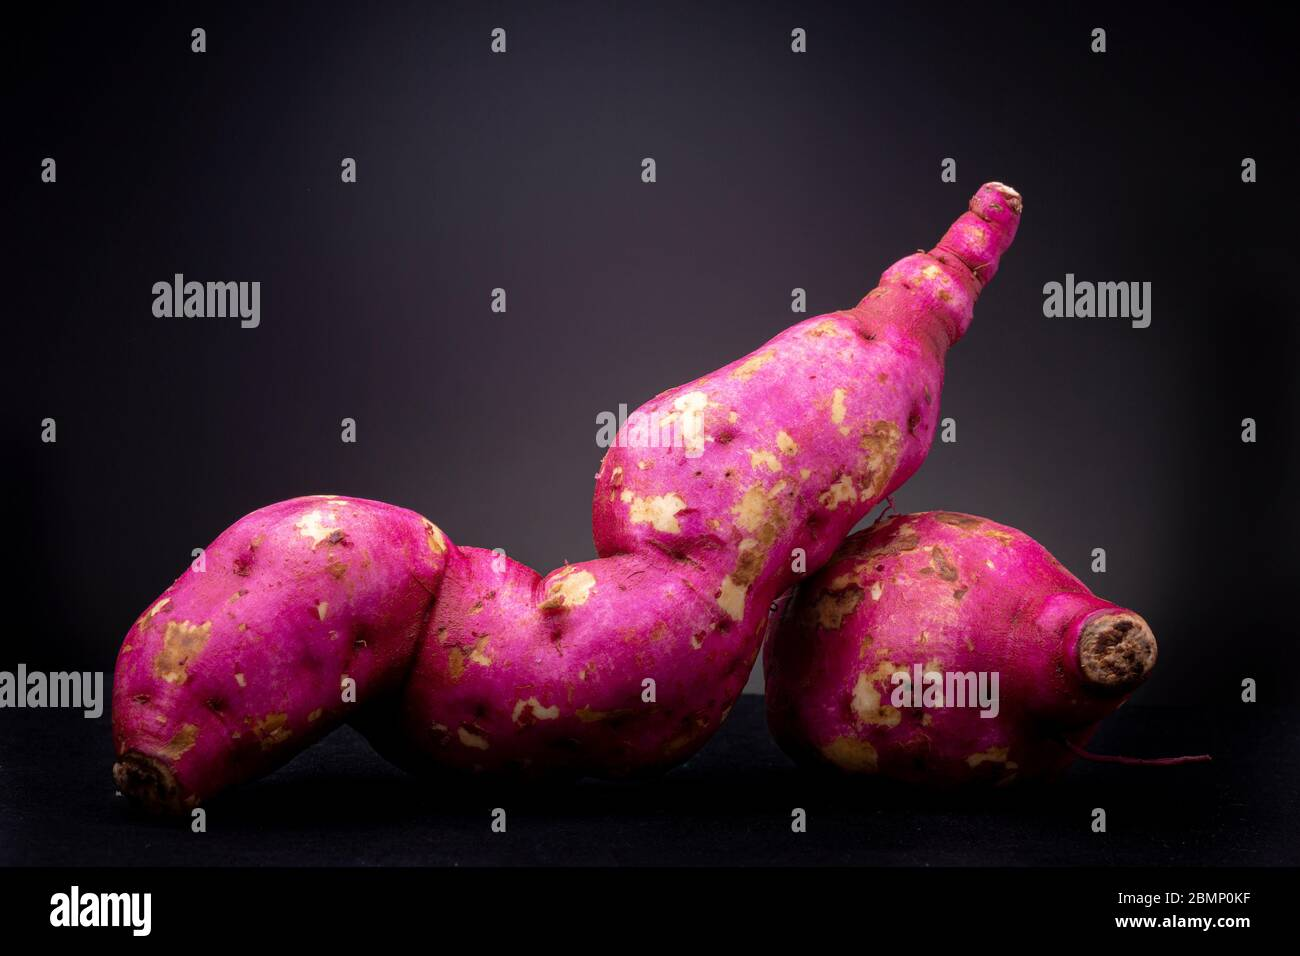 Coppia di fresco magenta brillante vivace organico crudo patate dolci o yam in studio di illuminazione contrastato con uno sfondo grigio scuro Foto Stock